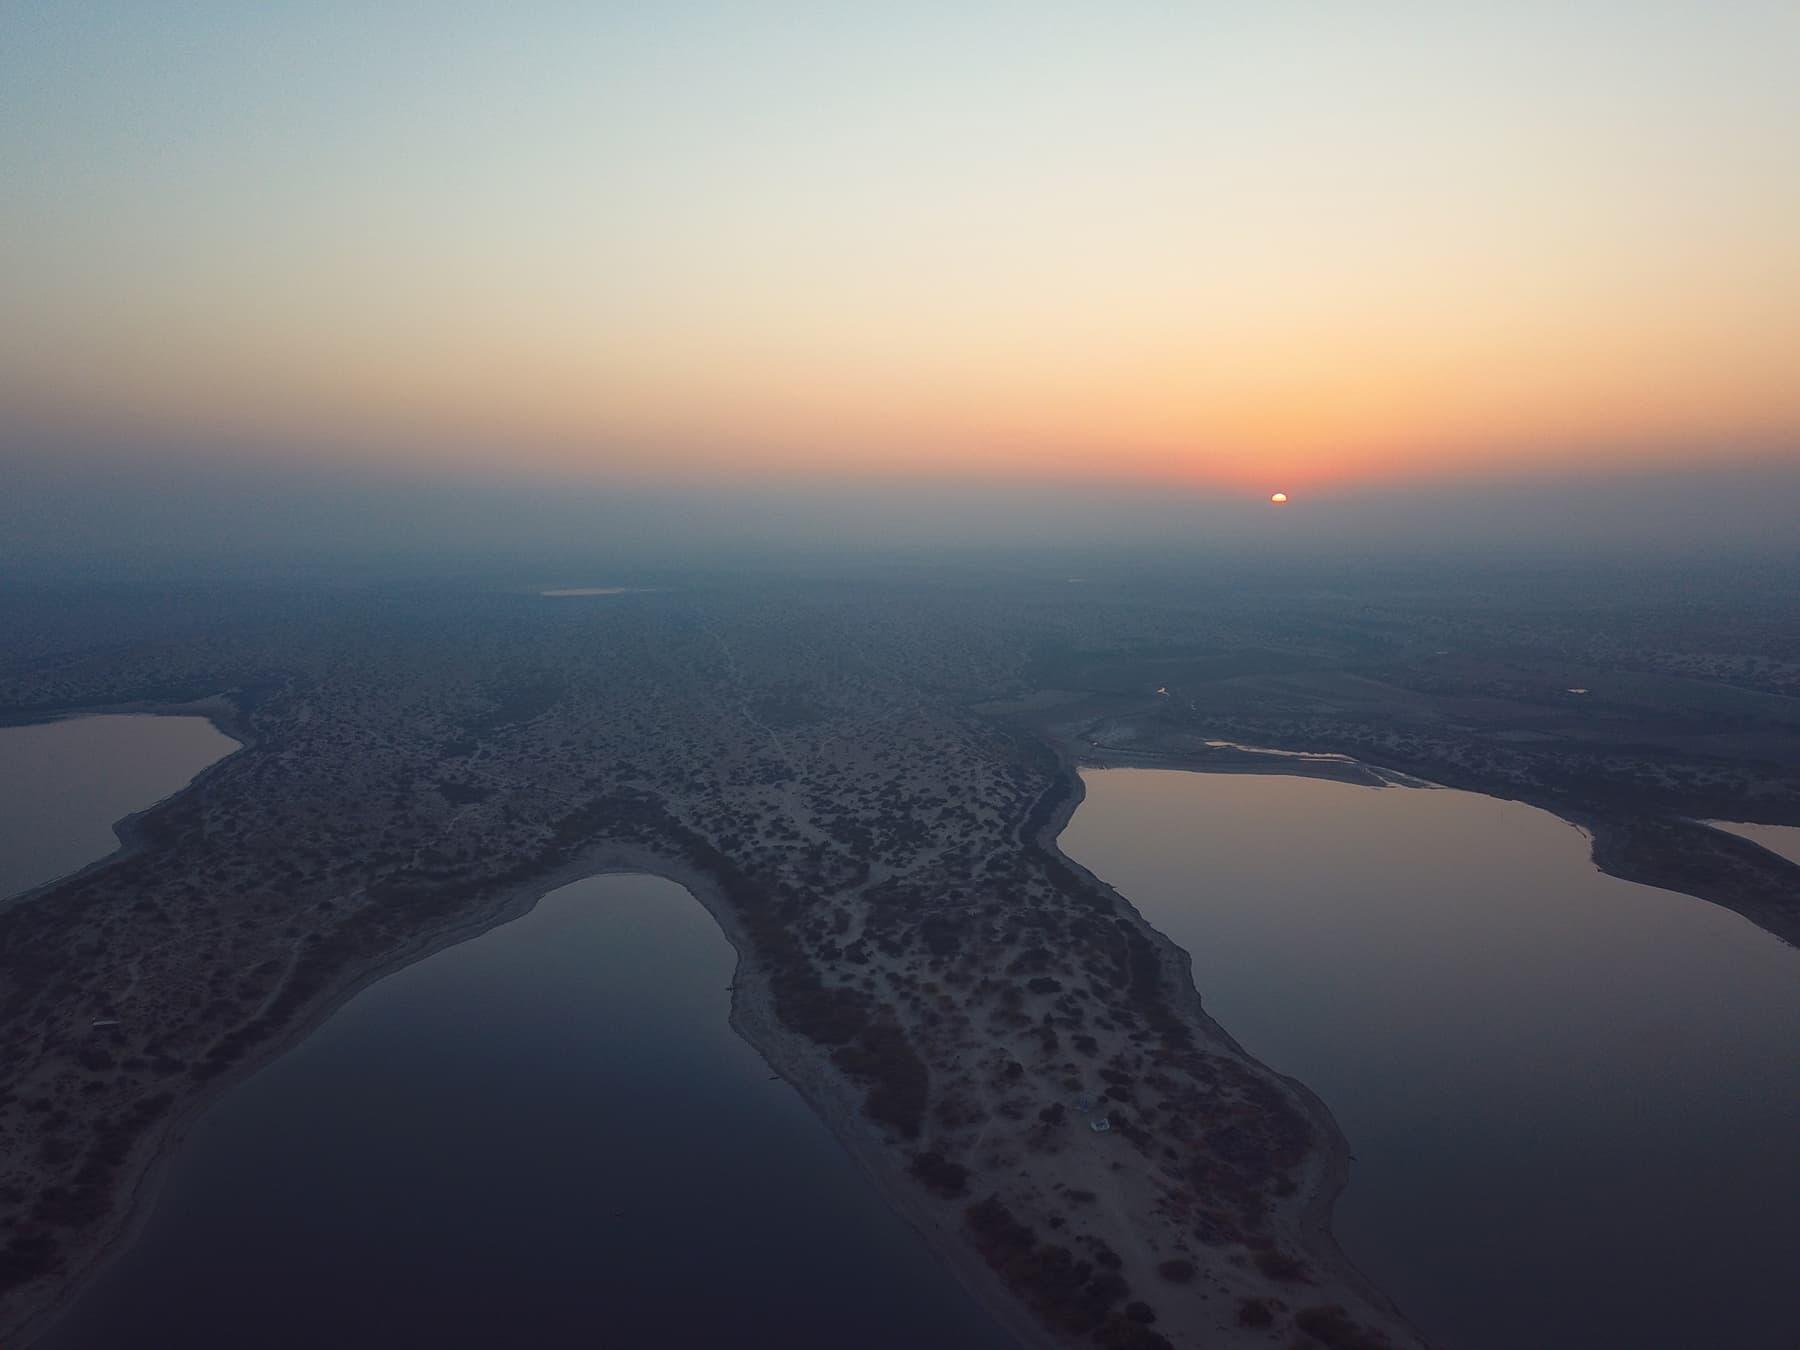 کلانکر جھیل پر غروب آفتاب کا ایک منظر—تصویر نظر ولھاری